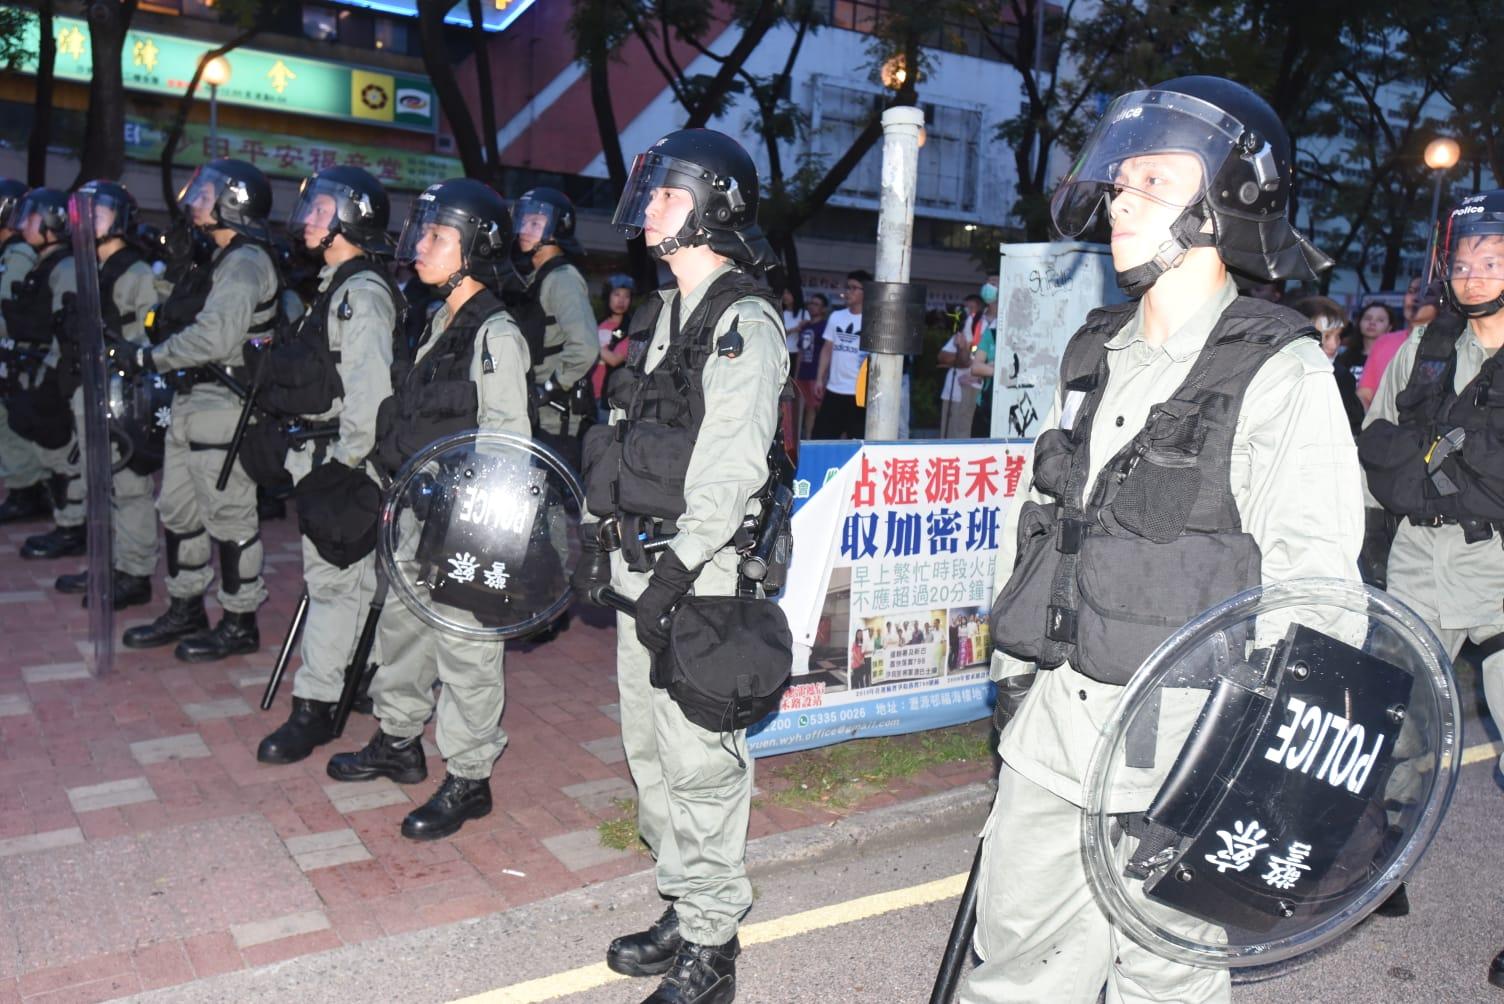 警員身穿特別保護衣。